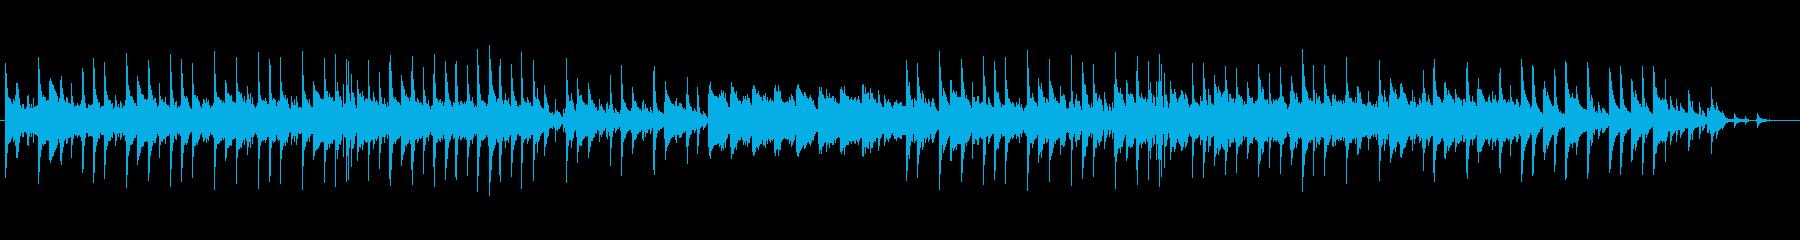 不気味とコミカルが同居したアンビエントの再生済みの波形